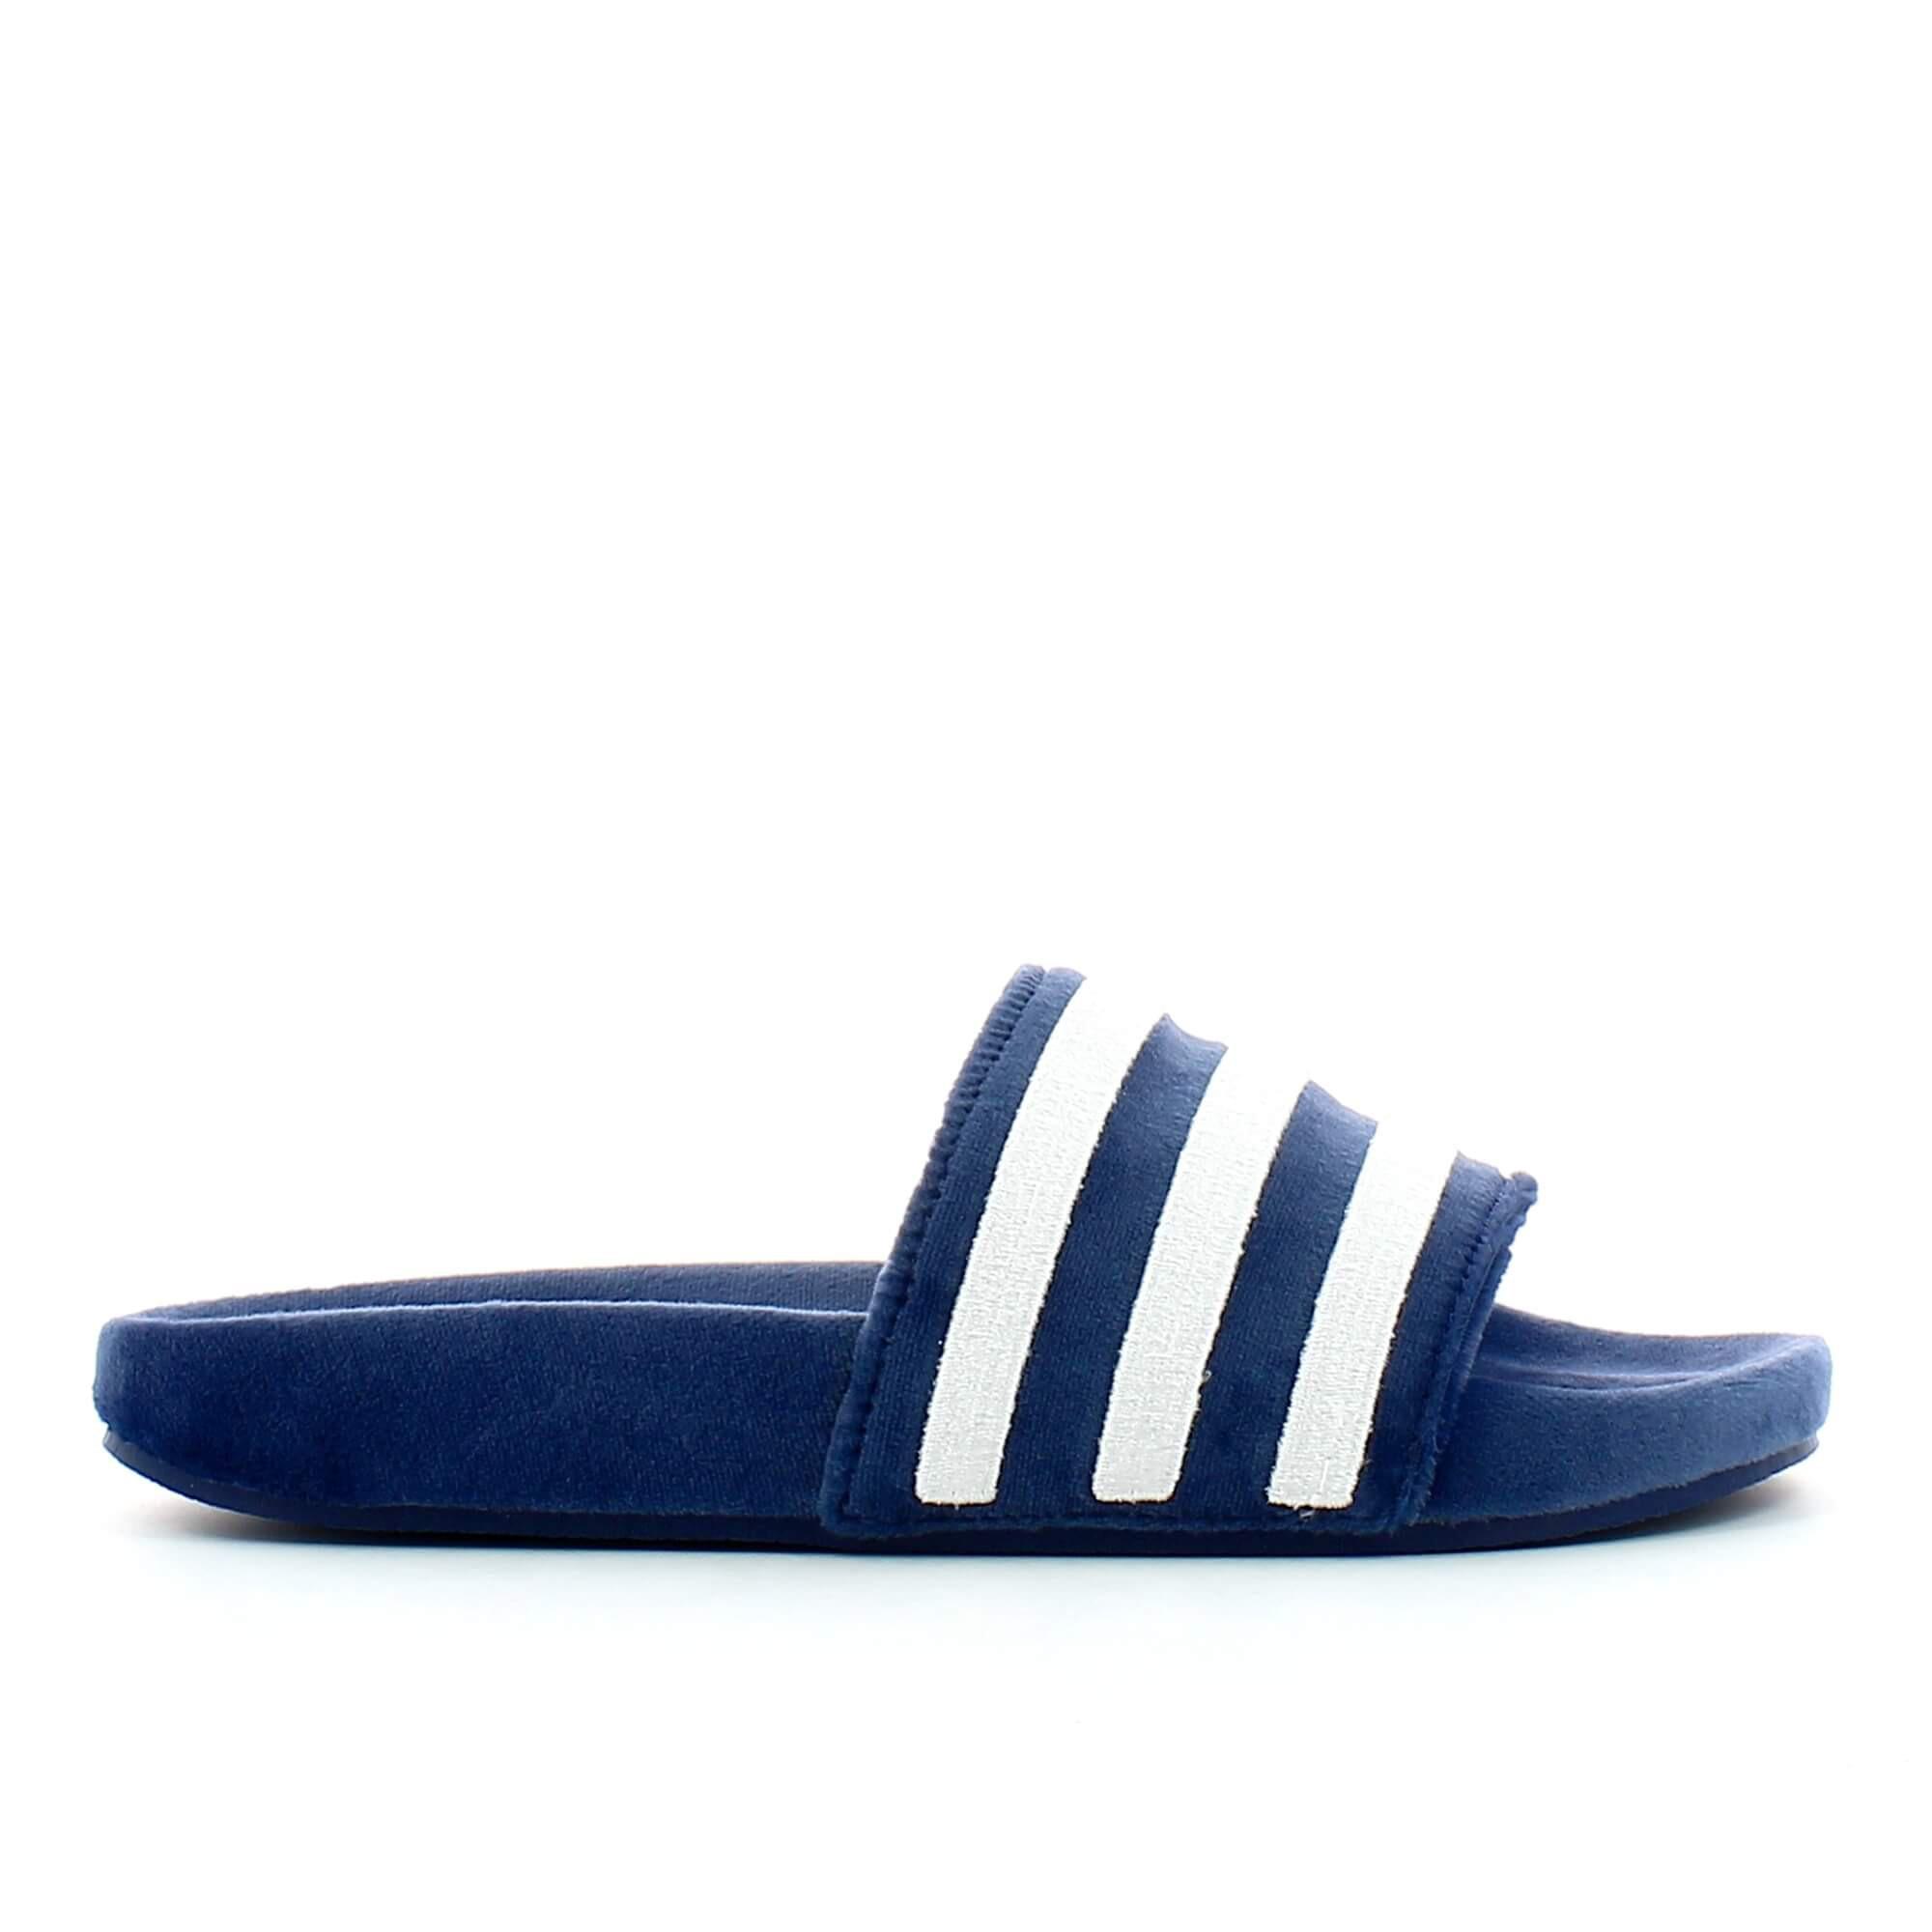 Adilette Azul Deportes Comprar Chanclas Adidas Unisex Moya EDeW2Yb9IH